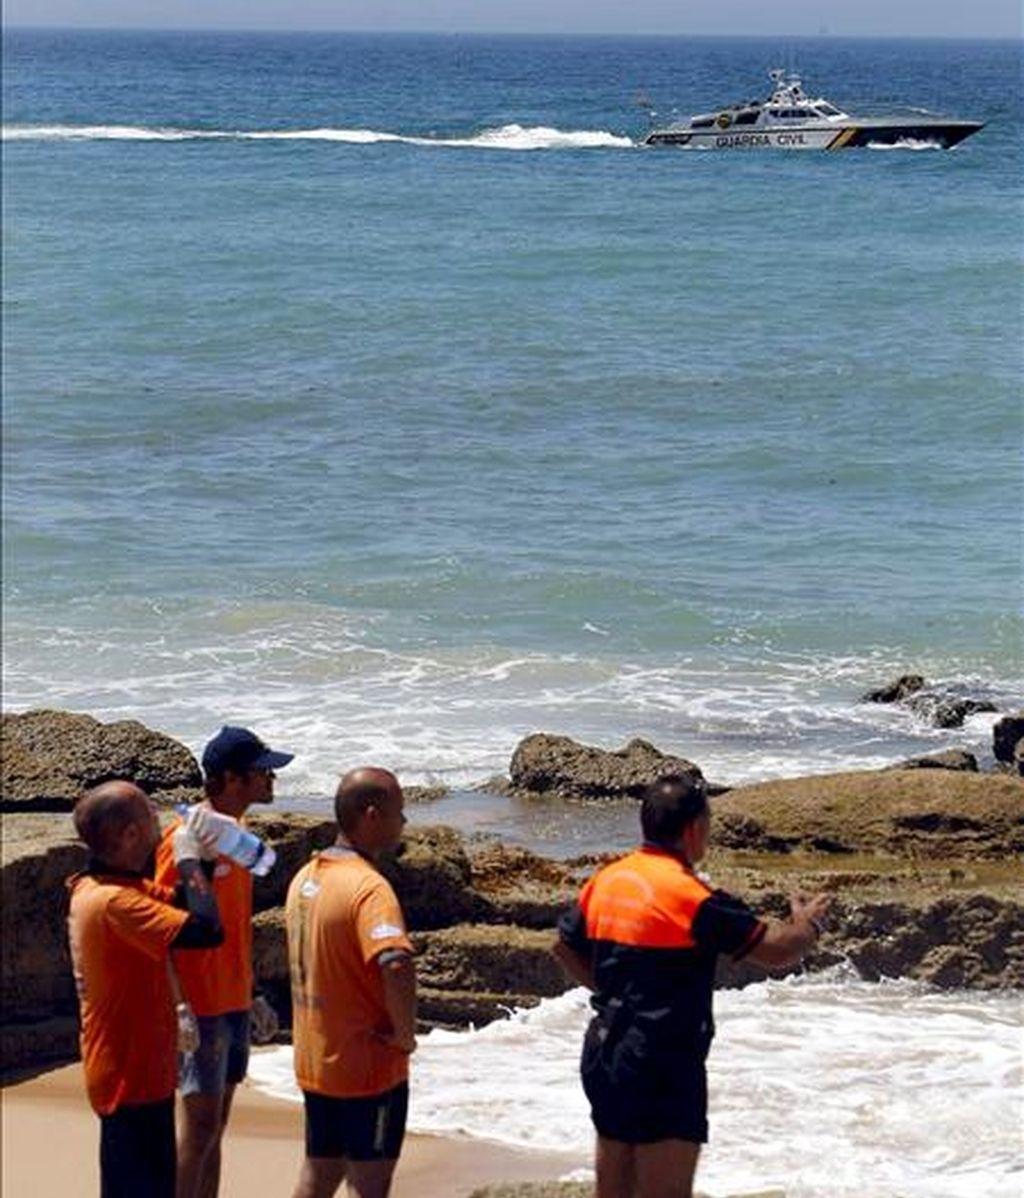 Miembros de Protección Civil y Guardia Civil continúan con la búsqueda de los inmigrantes que llegaron ayer en una patera que encalló en las costas de la pedanía de Zahora, en Barbate (Cádiz). EFE